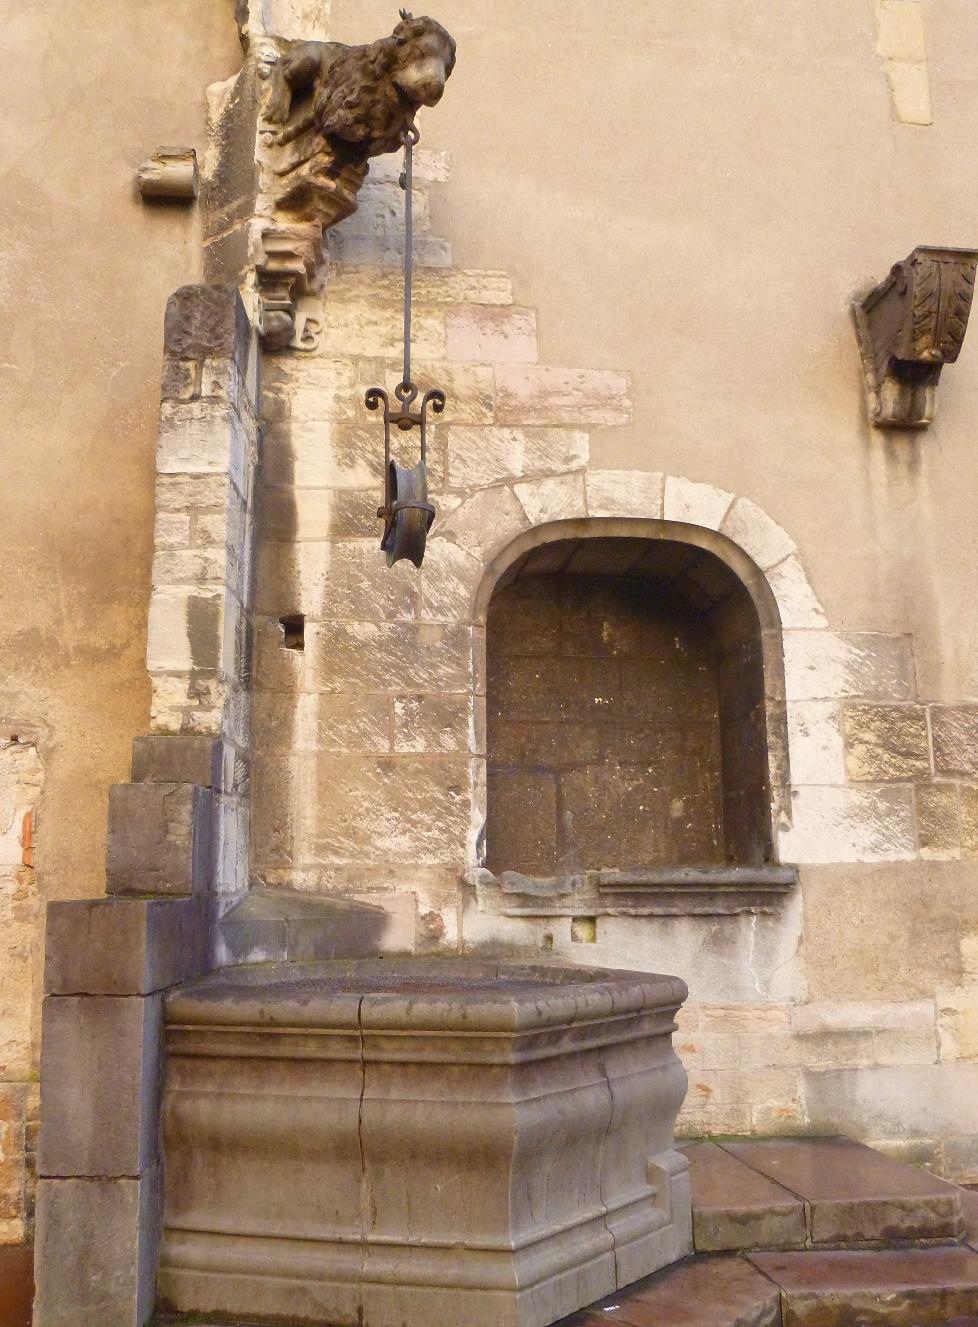 Palais_des_Ducs_et_des_Etats_de_Bourogne_Dijon_-_Puits_cuisines_ducales_Photographie_de_E_Moreau_pou